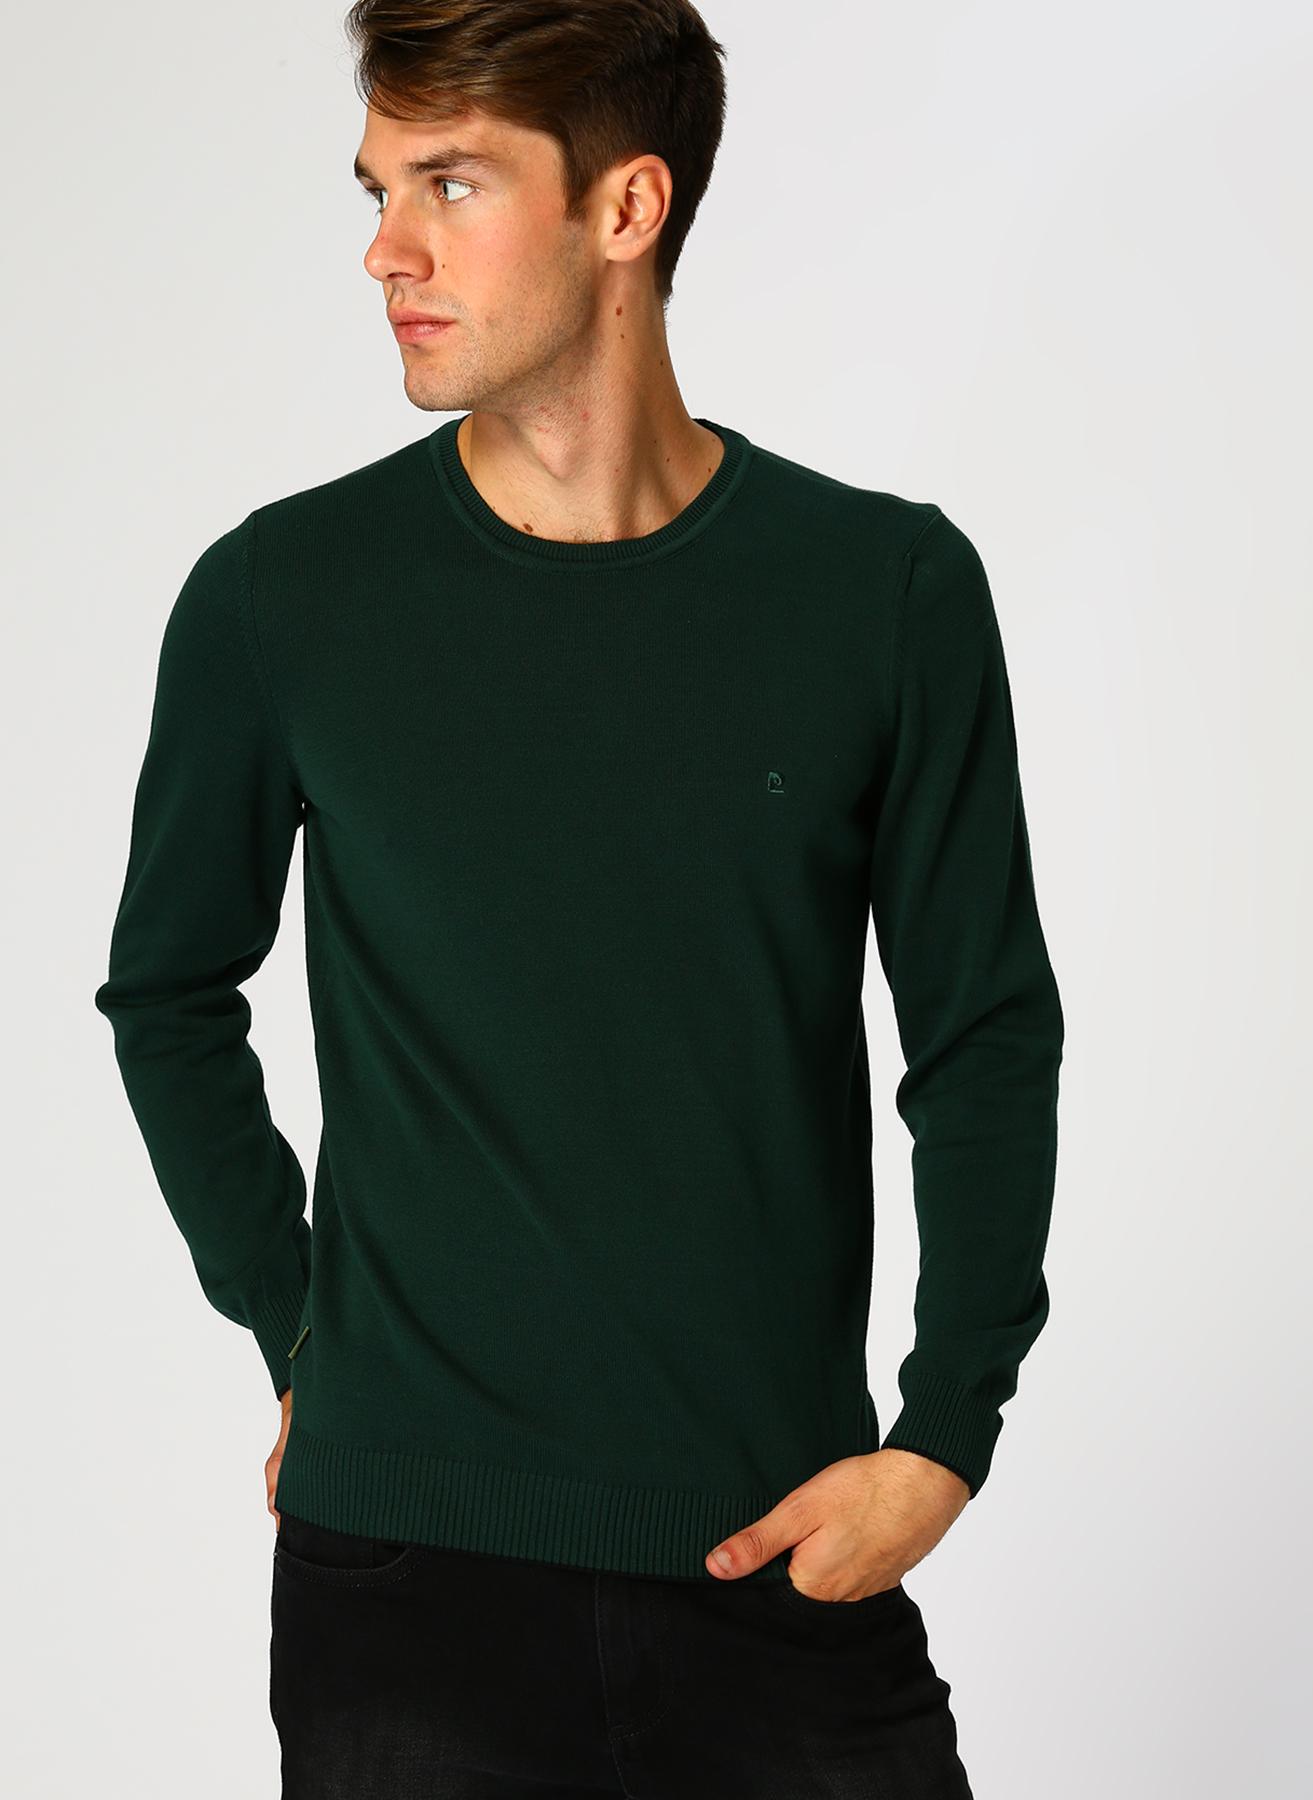 Pierre Cardin Yeşil Kazak XL 5001697968005 Ürün Resmi